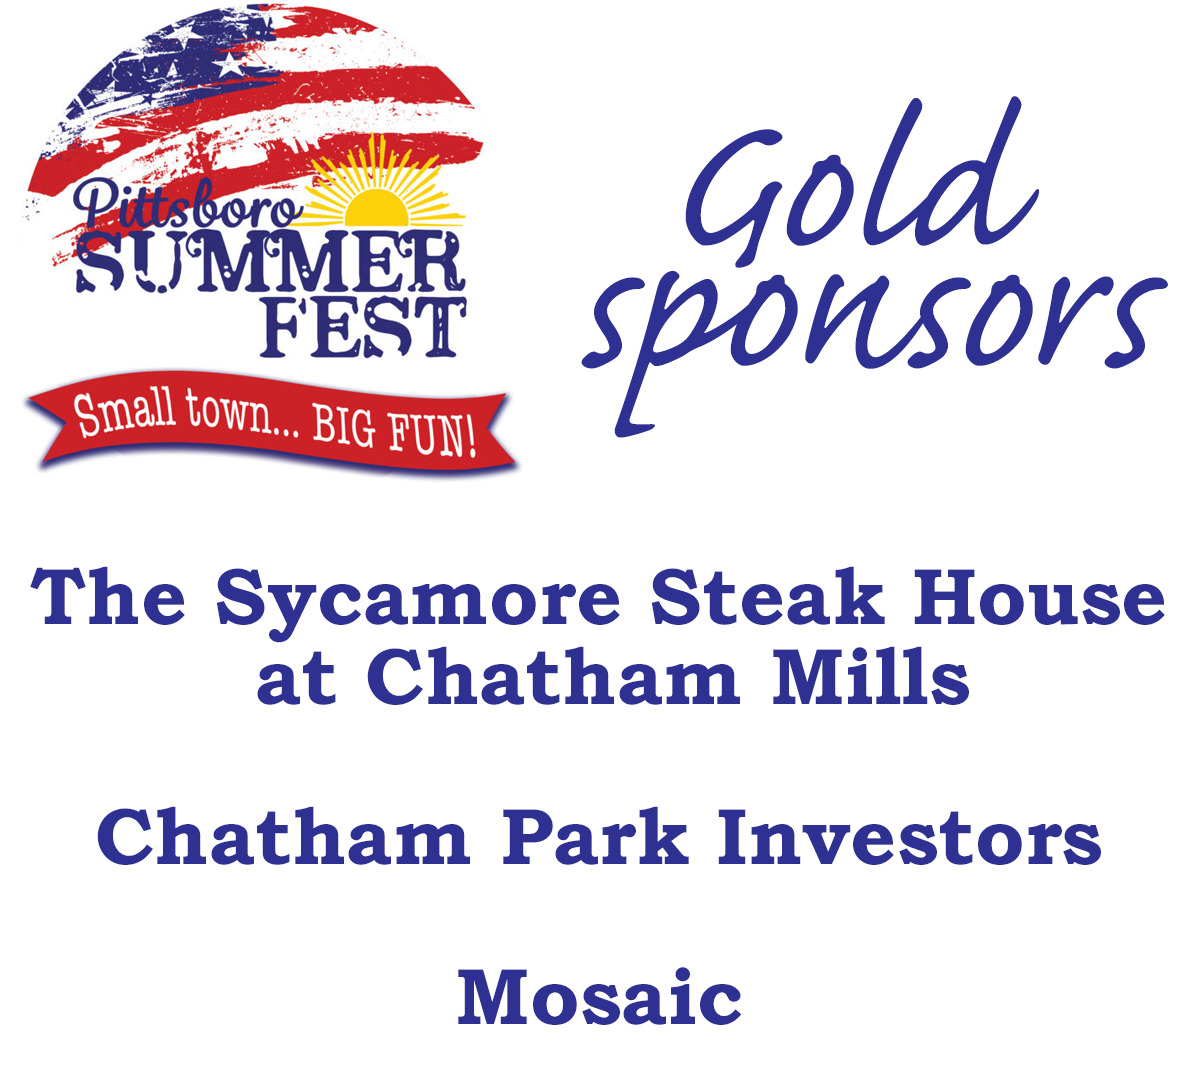 Summer Fest 2021 Gold sponsors